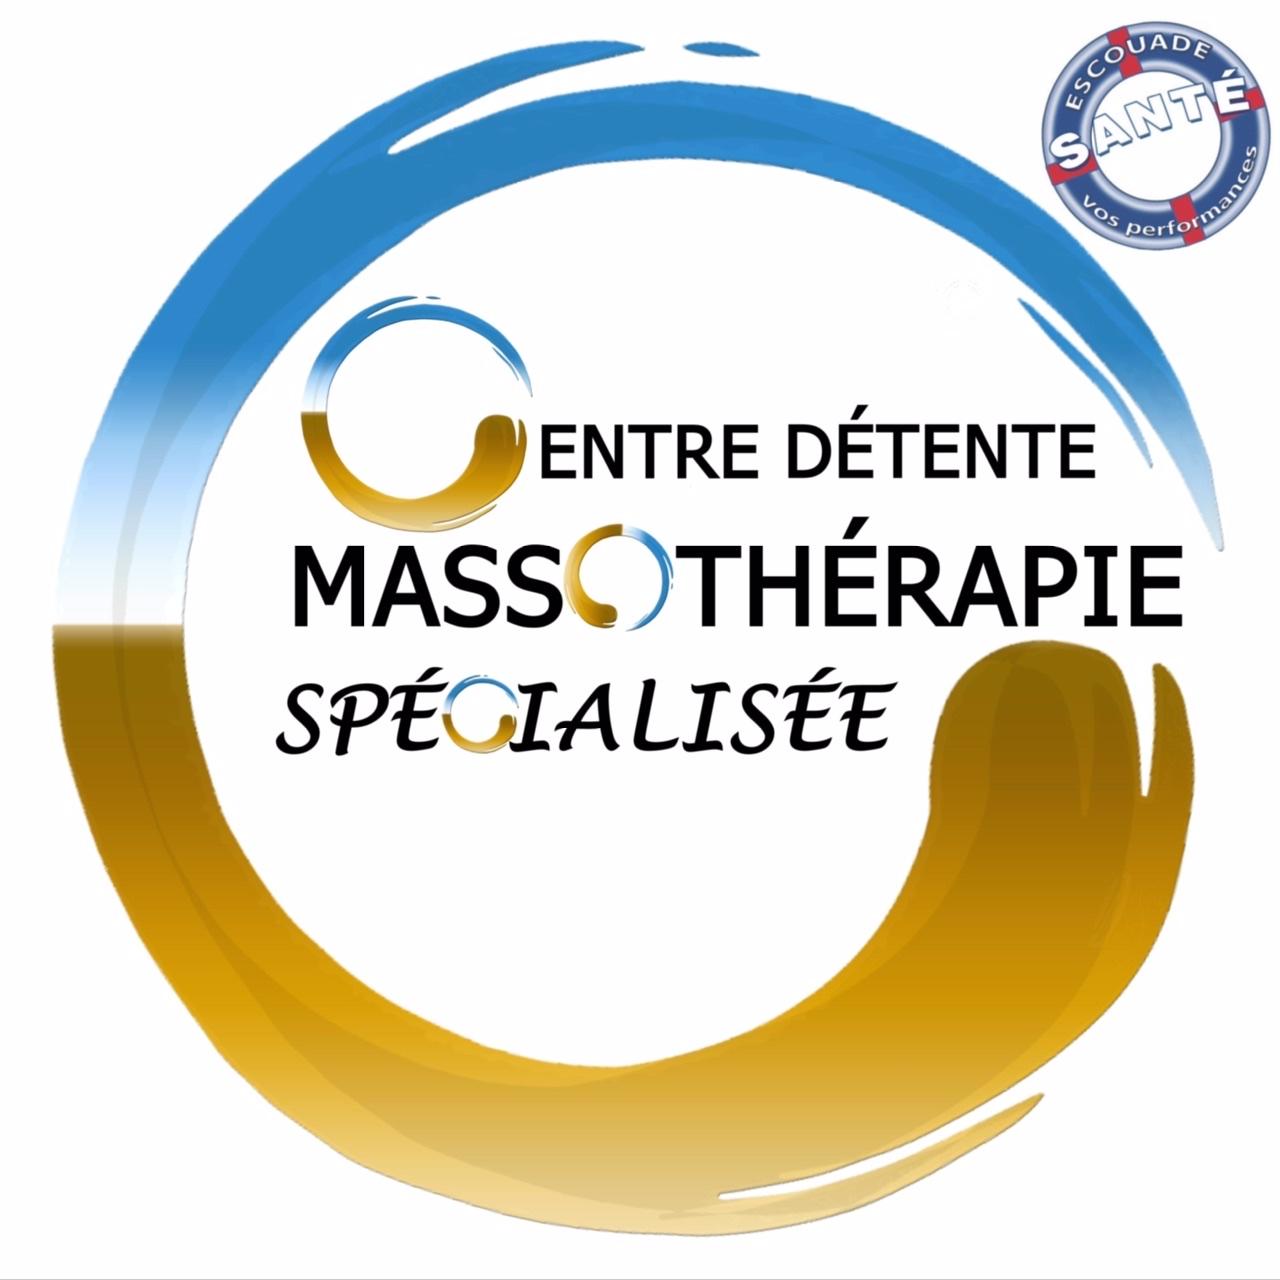 Centre détente massothérapie spécialisée